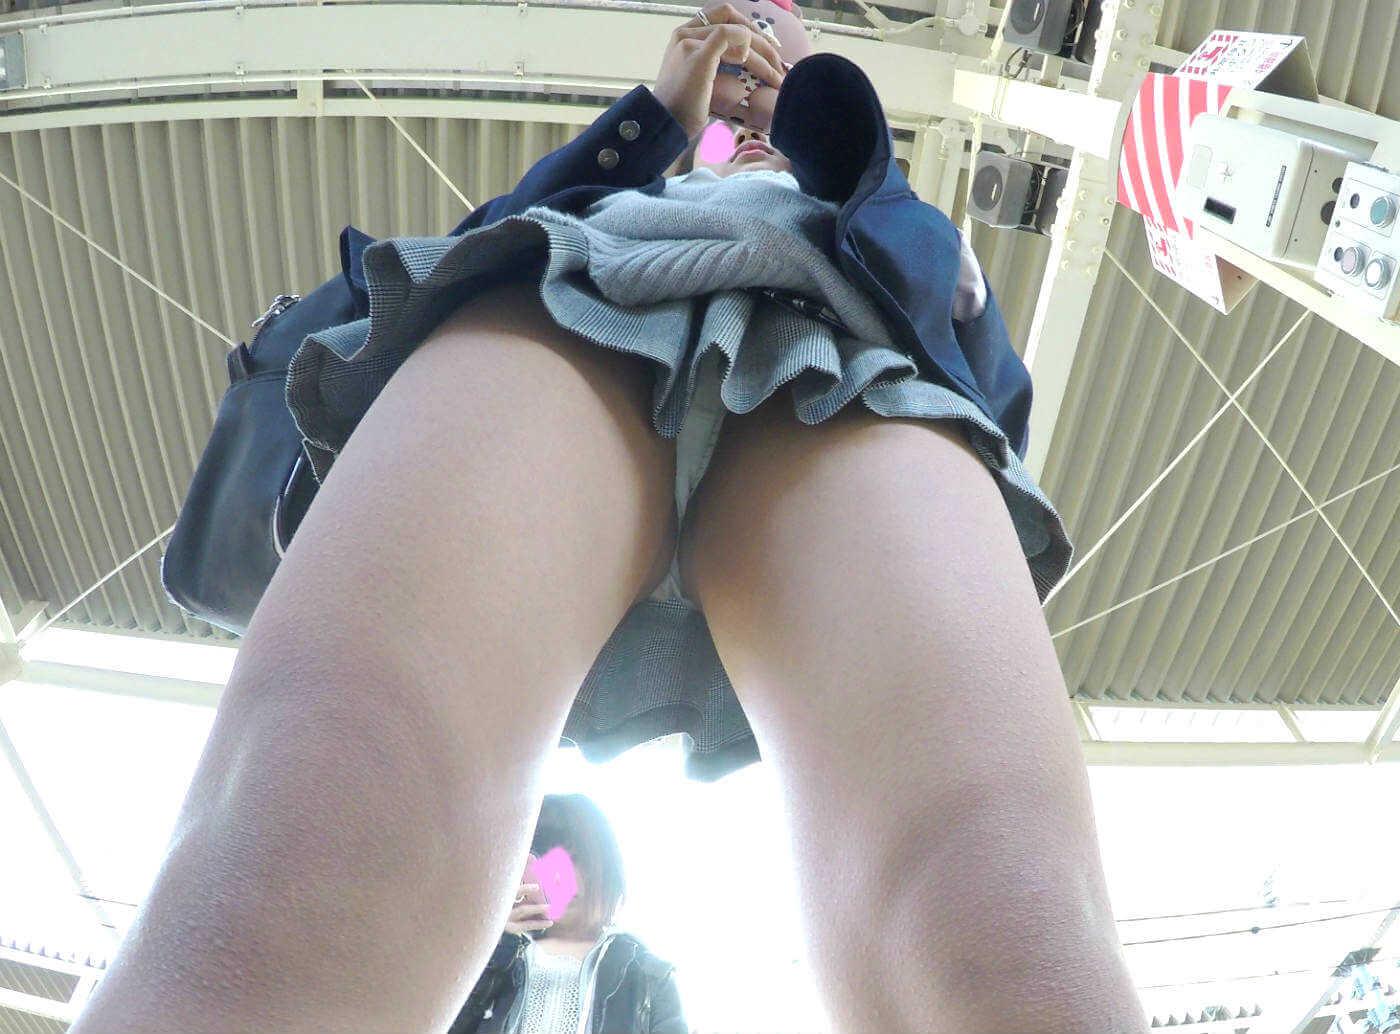 【画像】女子高生のエチチなパンティー履いてこれは誘ってるよな・・・